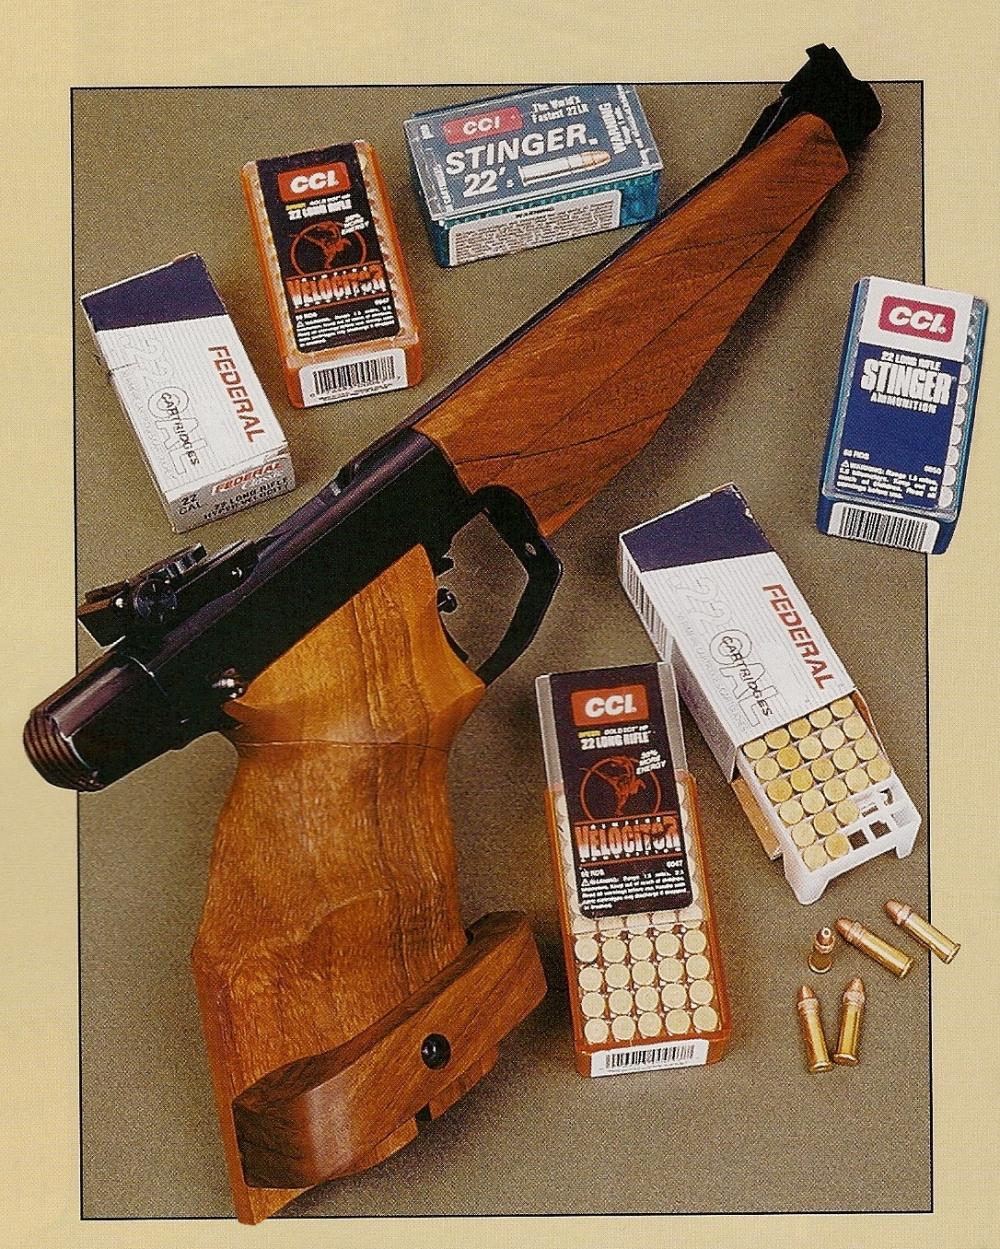 Le pistolet à un coup Drulov modèle 90 utilisé pour les essais, entouré des différentes munitions testées.